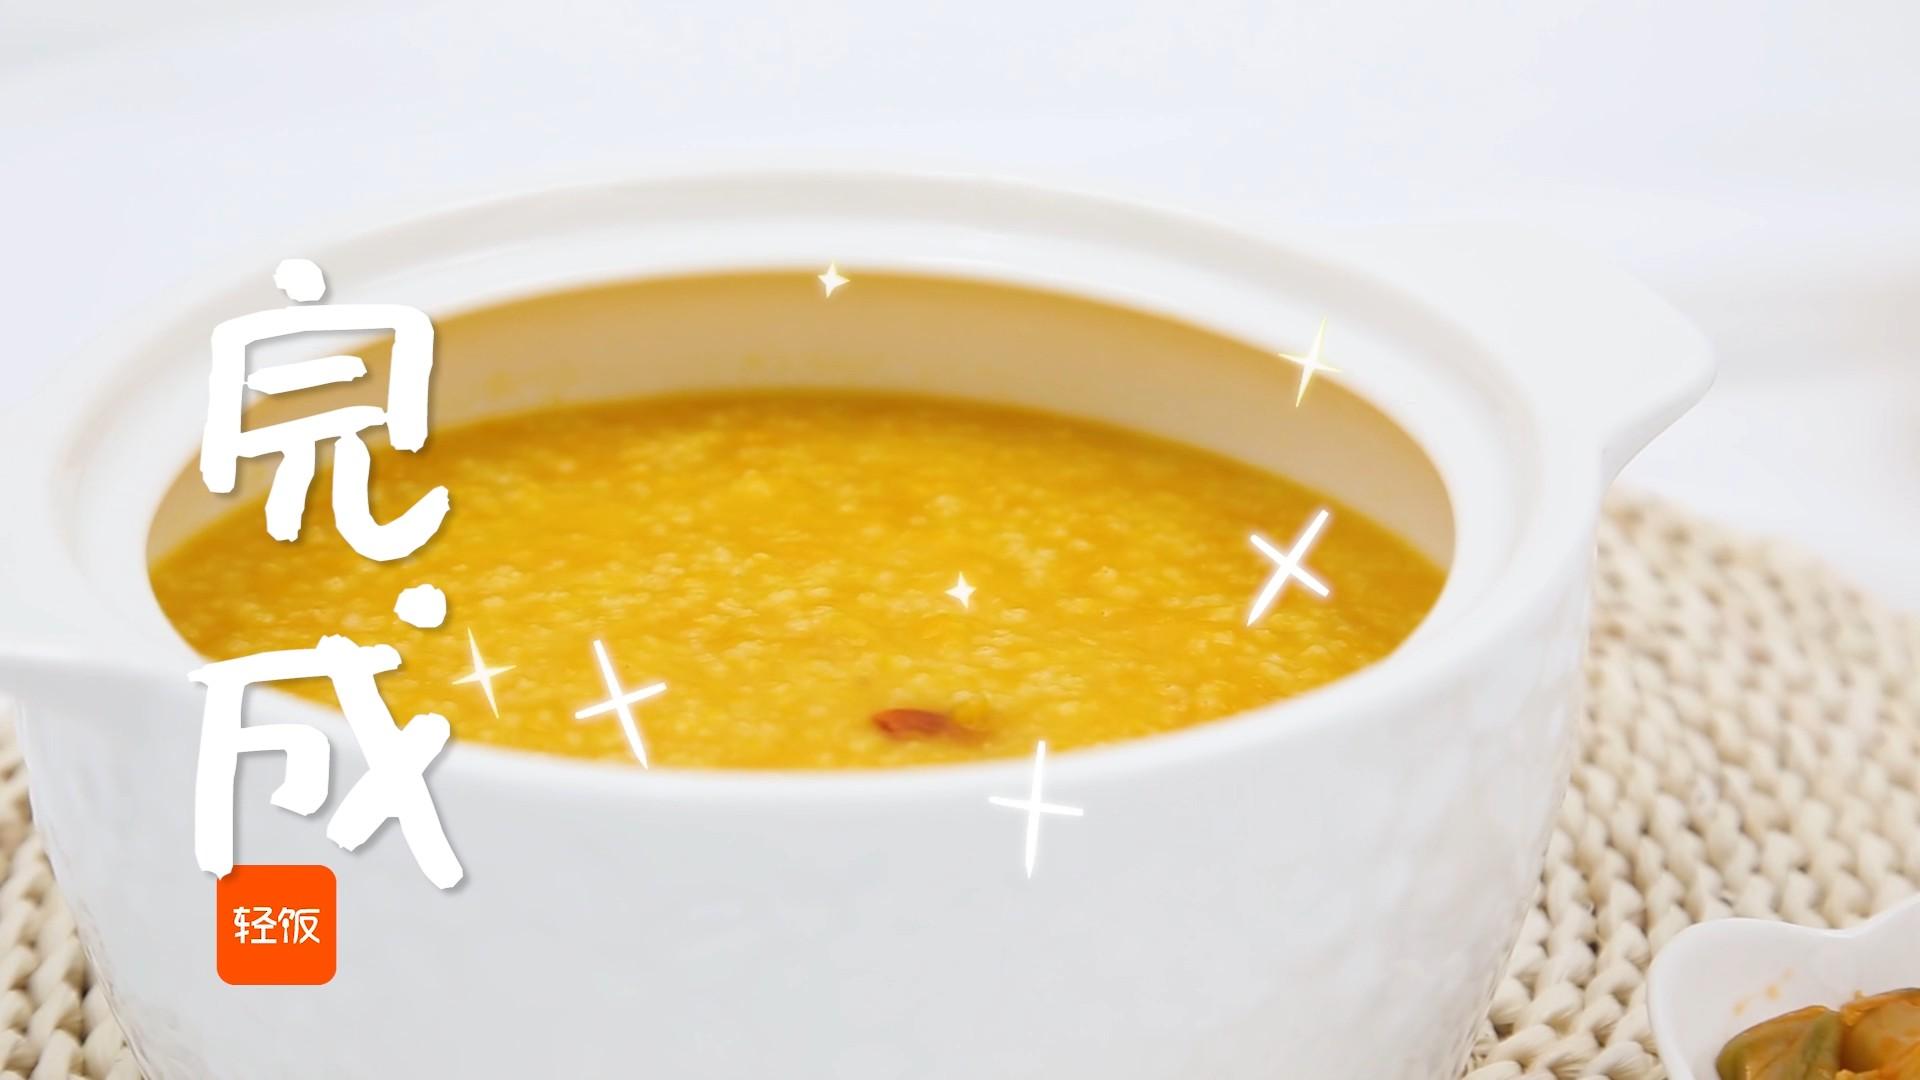 南瓜粥小米粥丨轻松搞定,好喝还养胃!怎么做